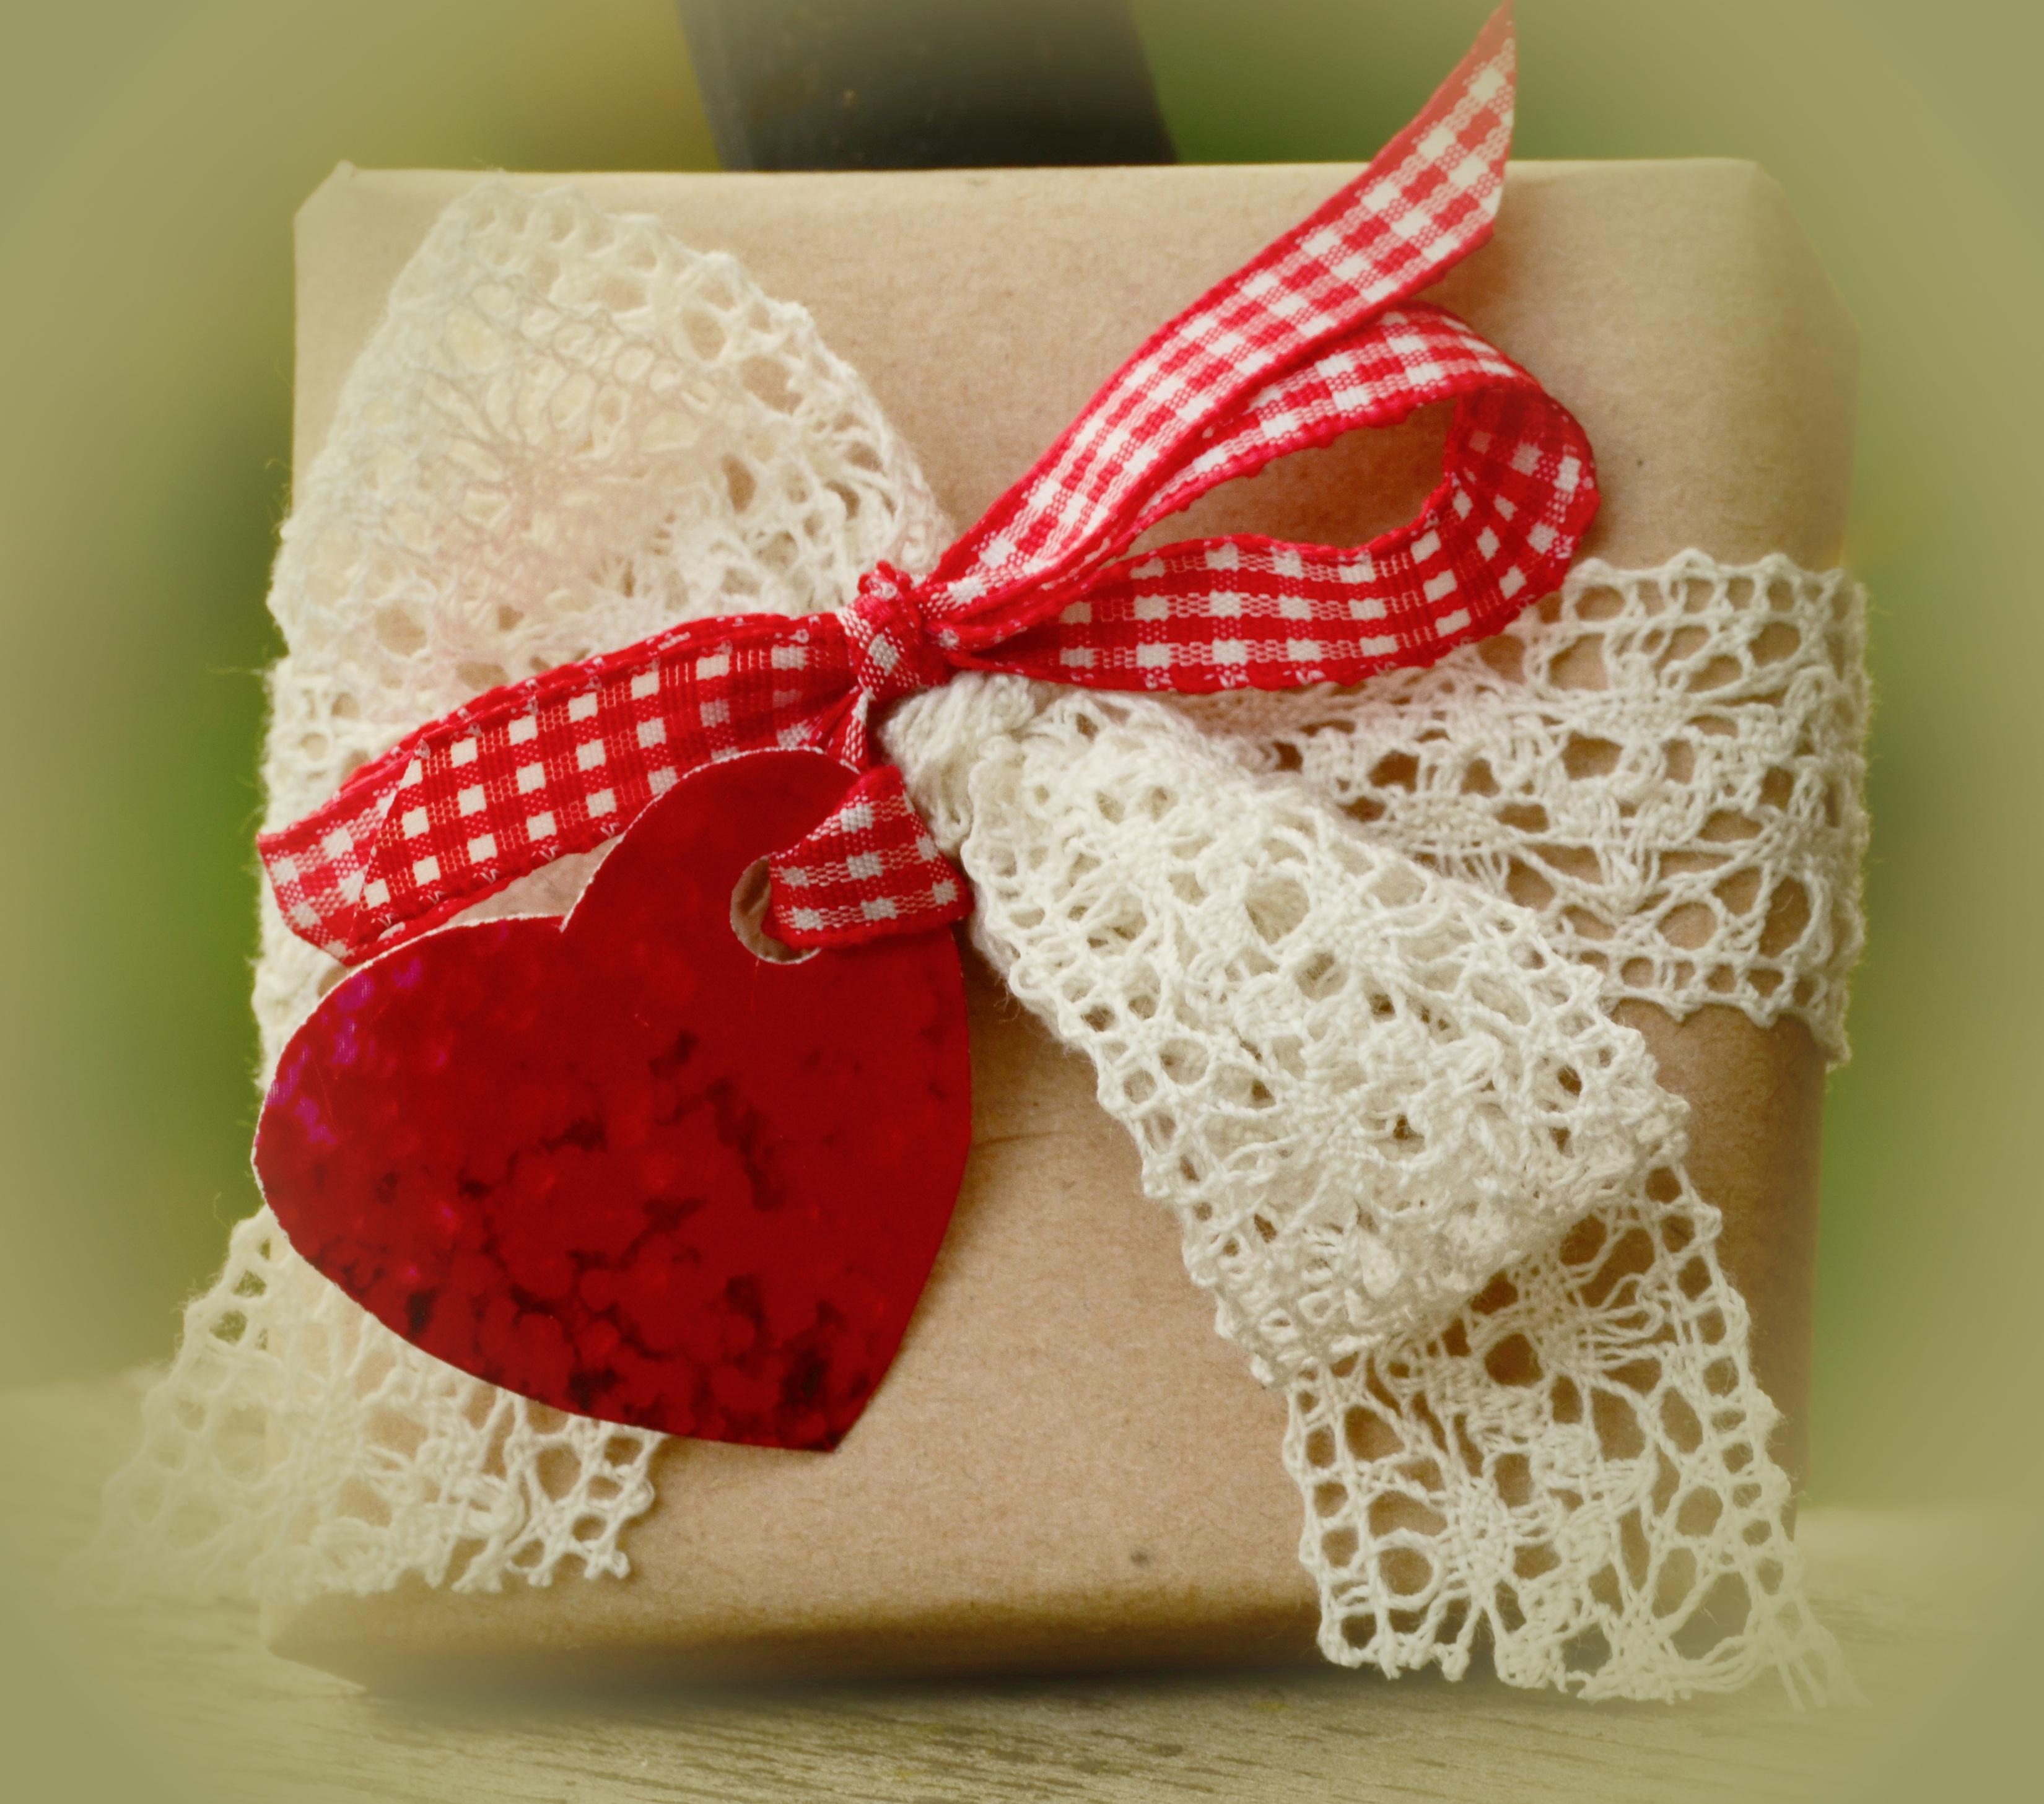 Images gratuites fleur c ur mod le bon anniversaire d coration de no l crochet textile - Images coeur gratuites ...